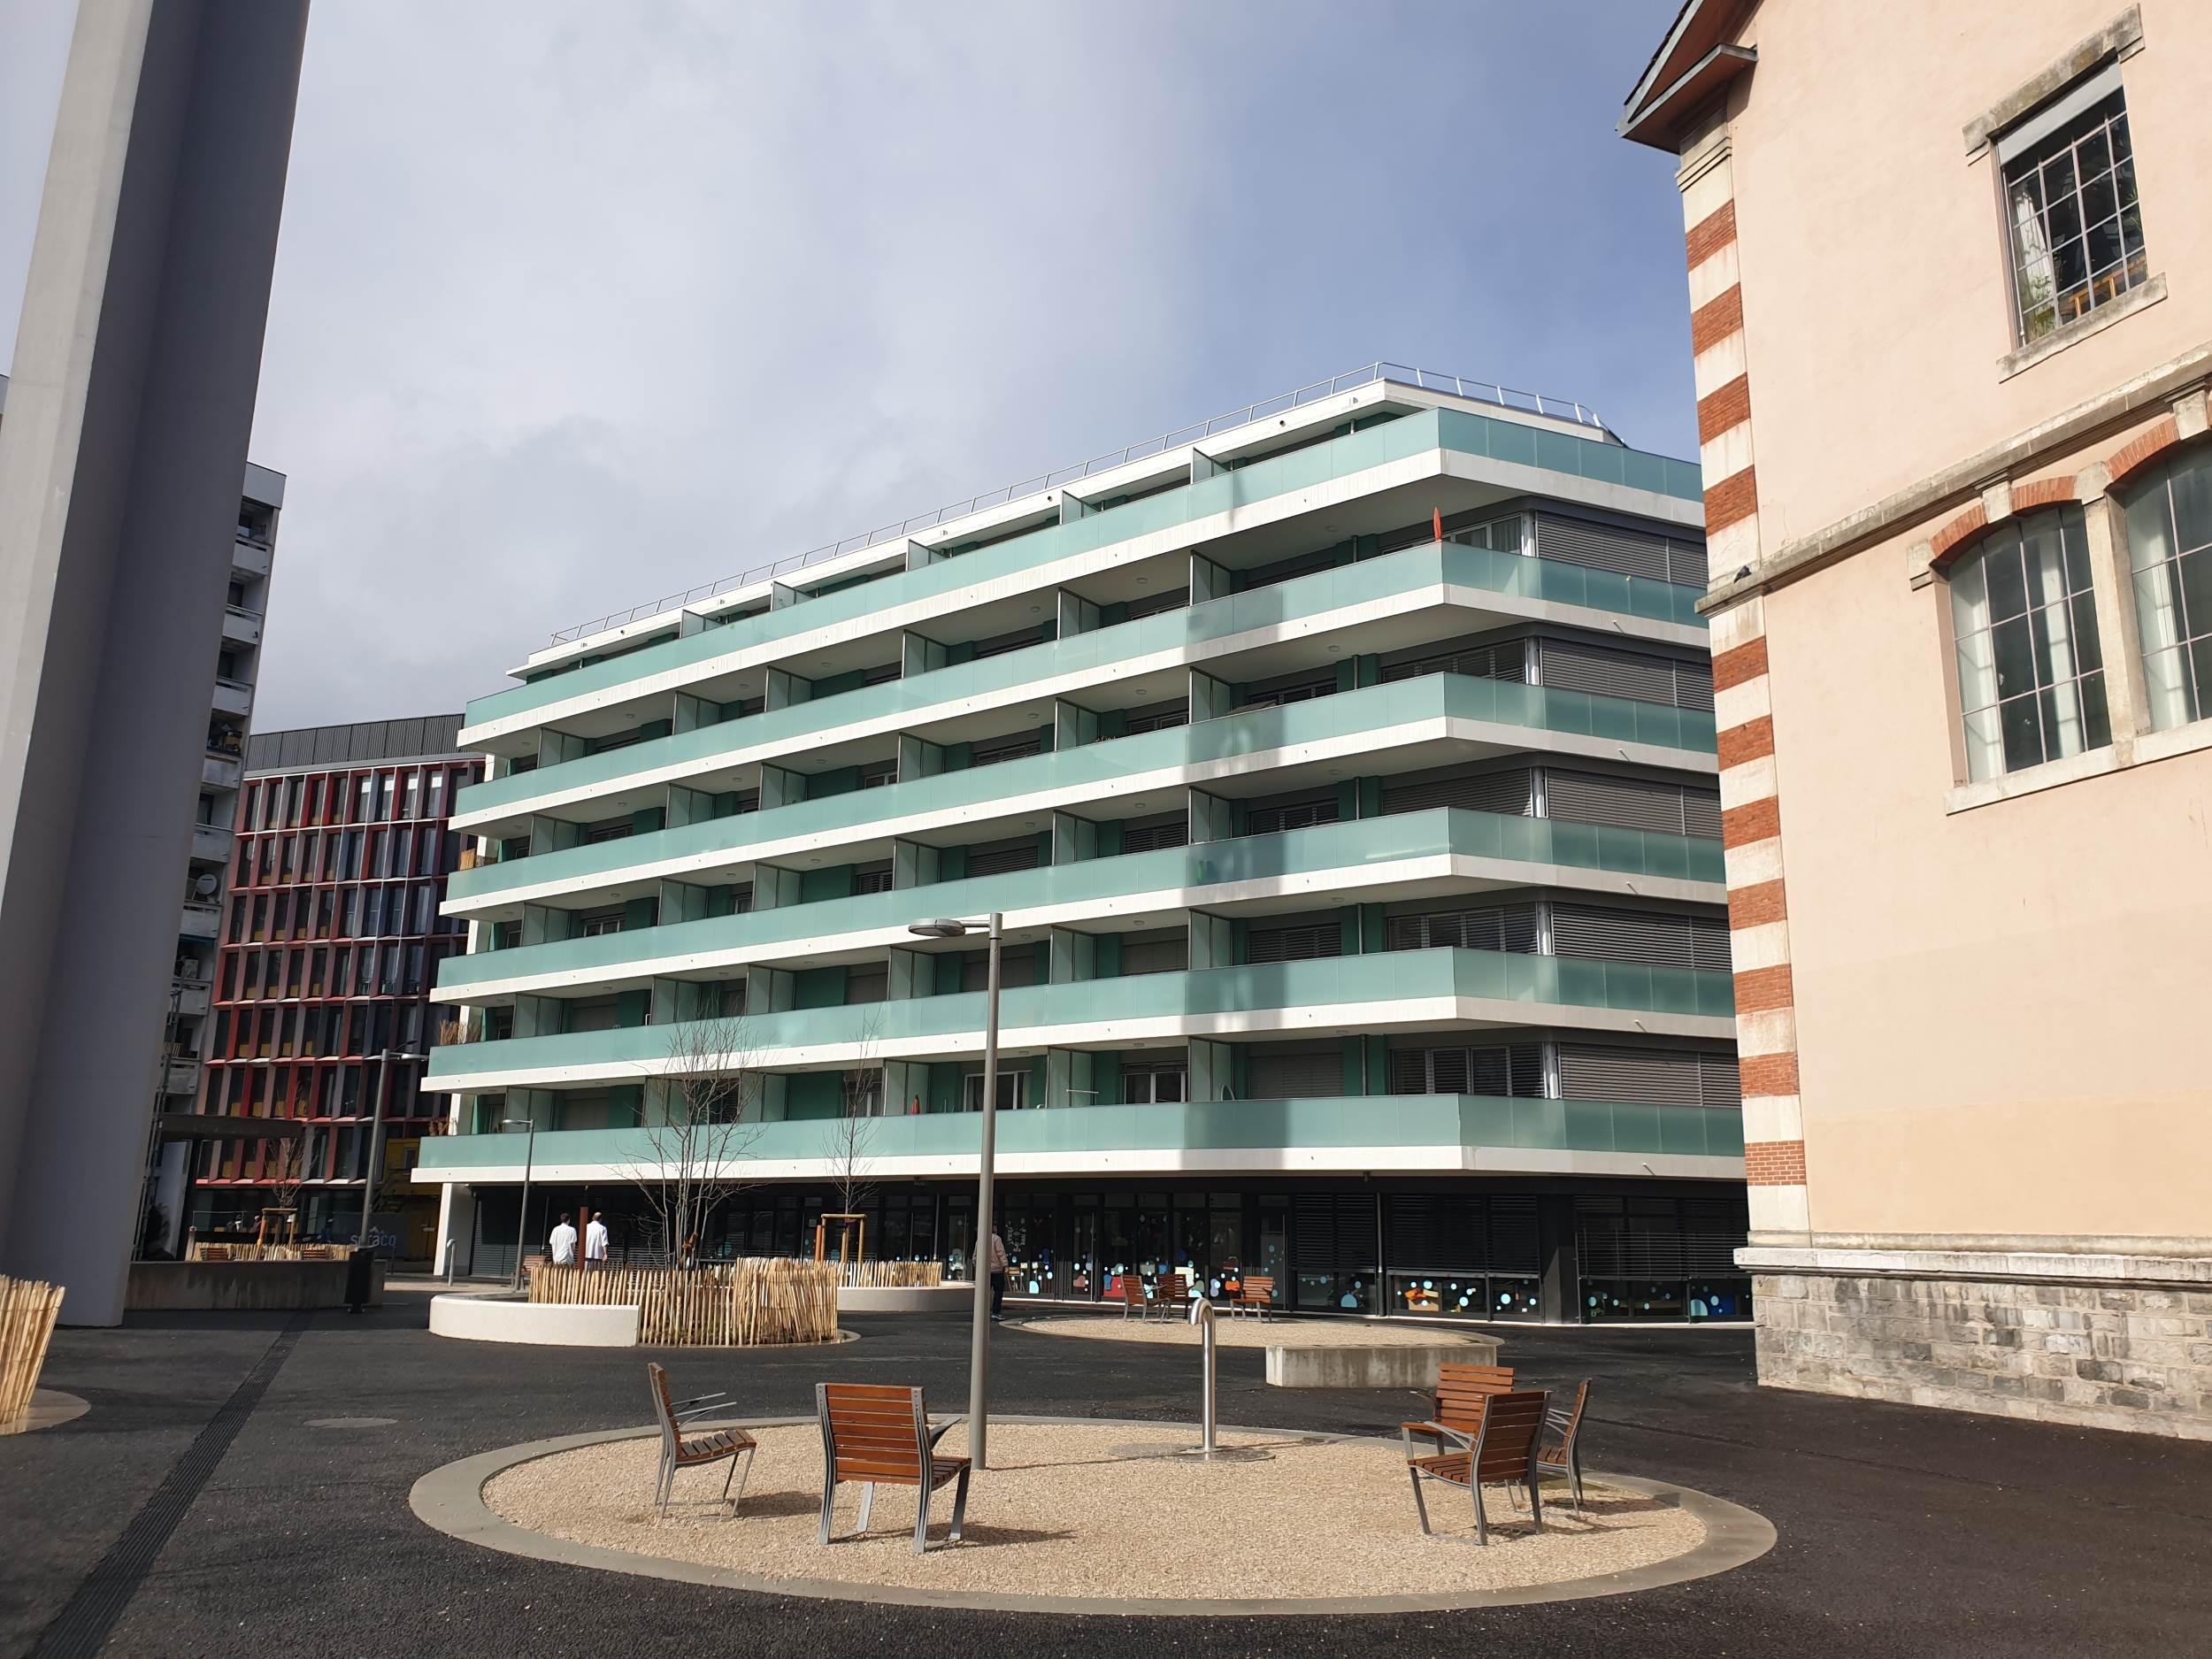 Bureau dec Saint clotilde Genève 4